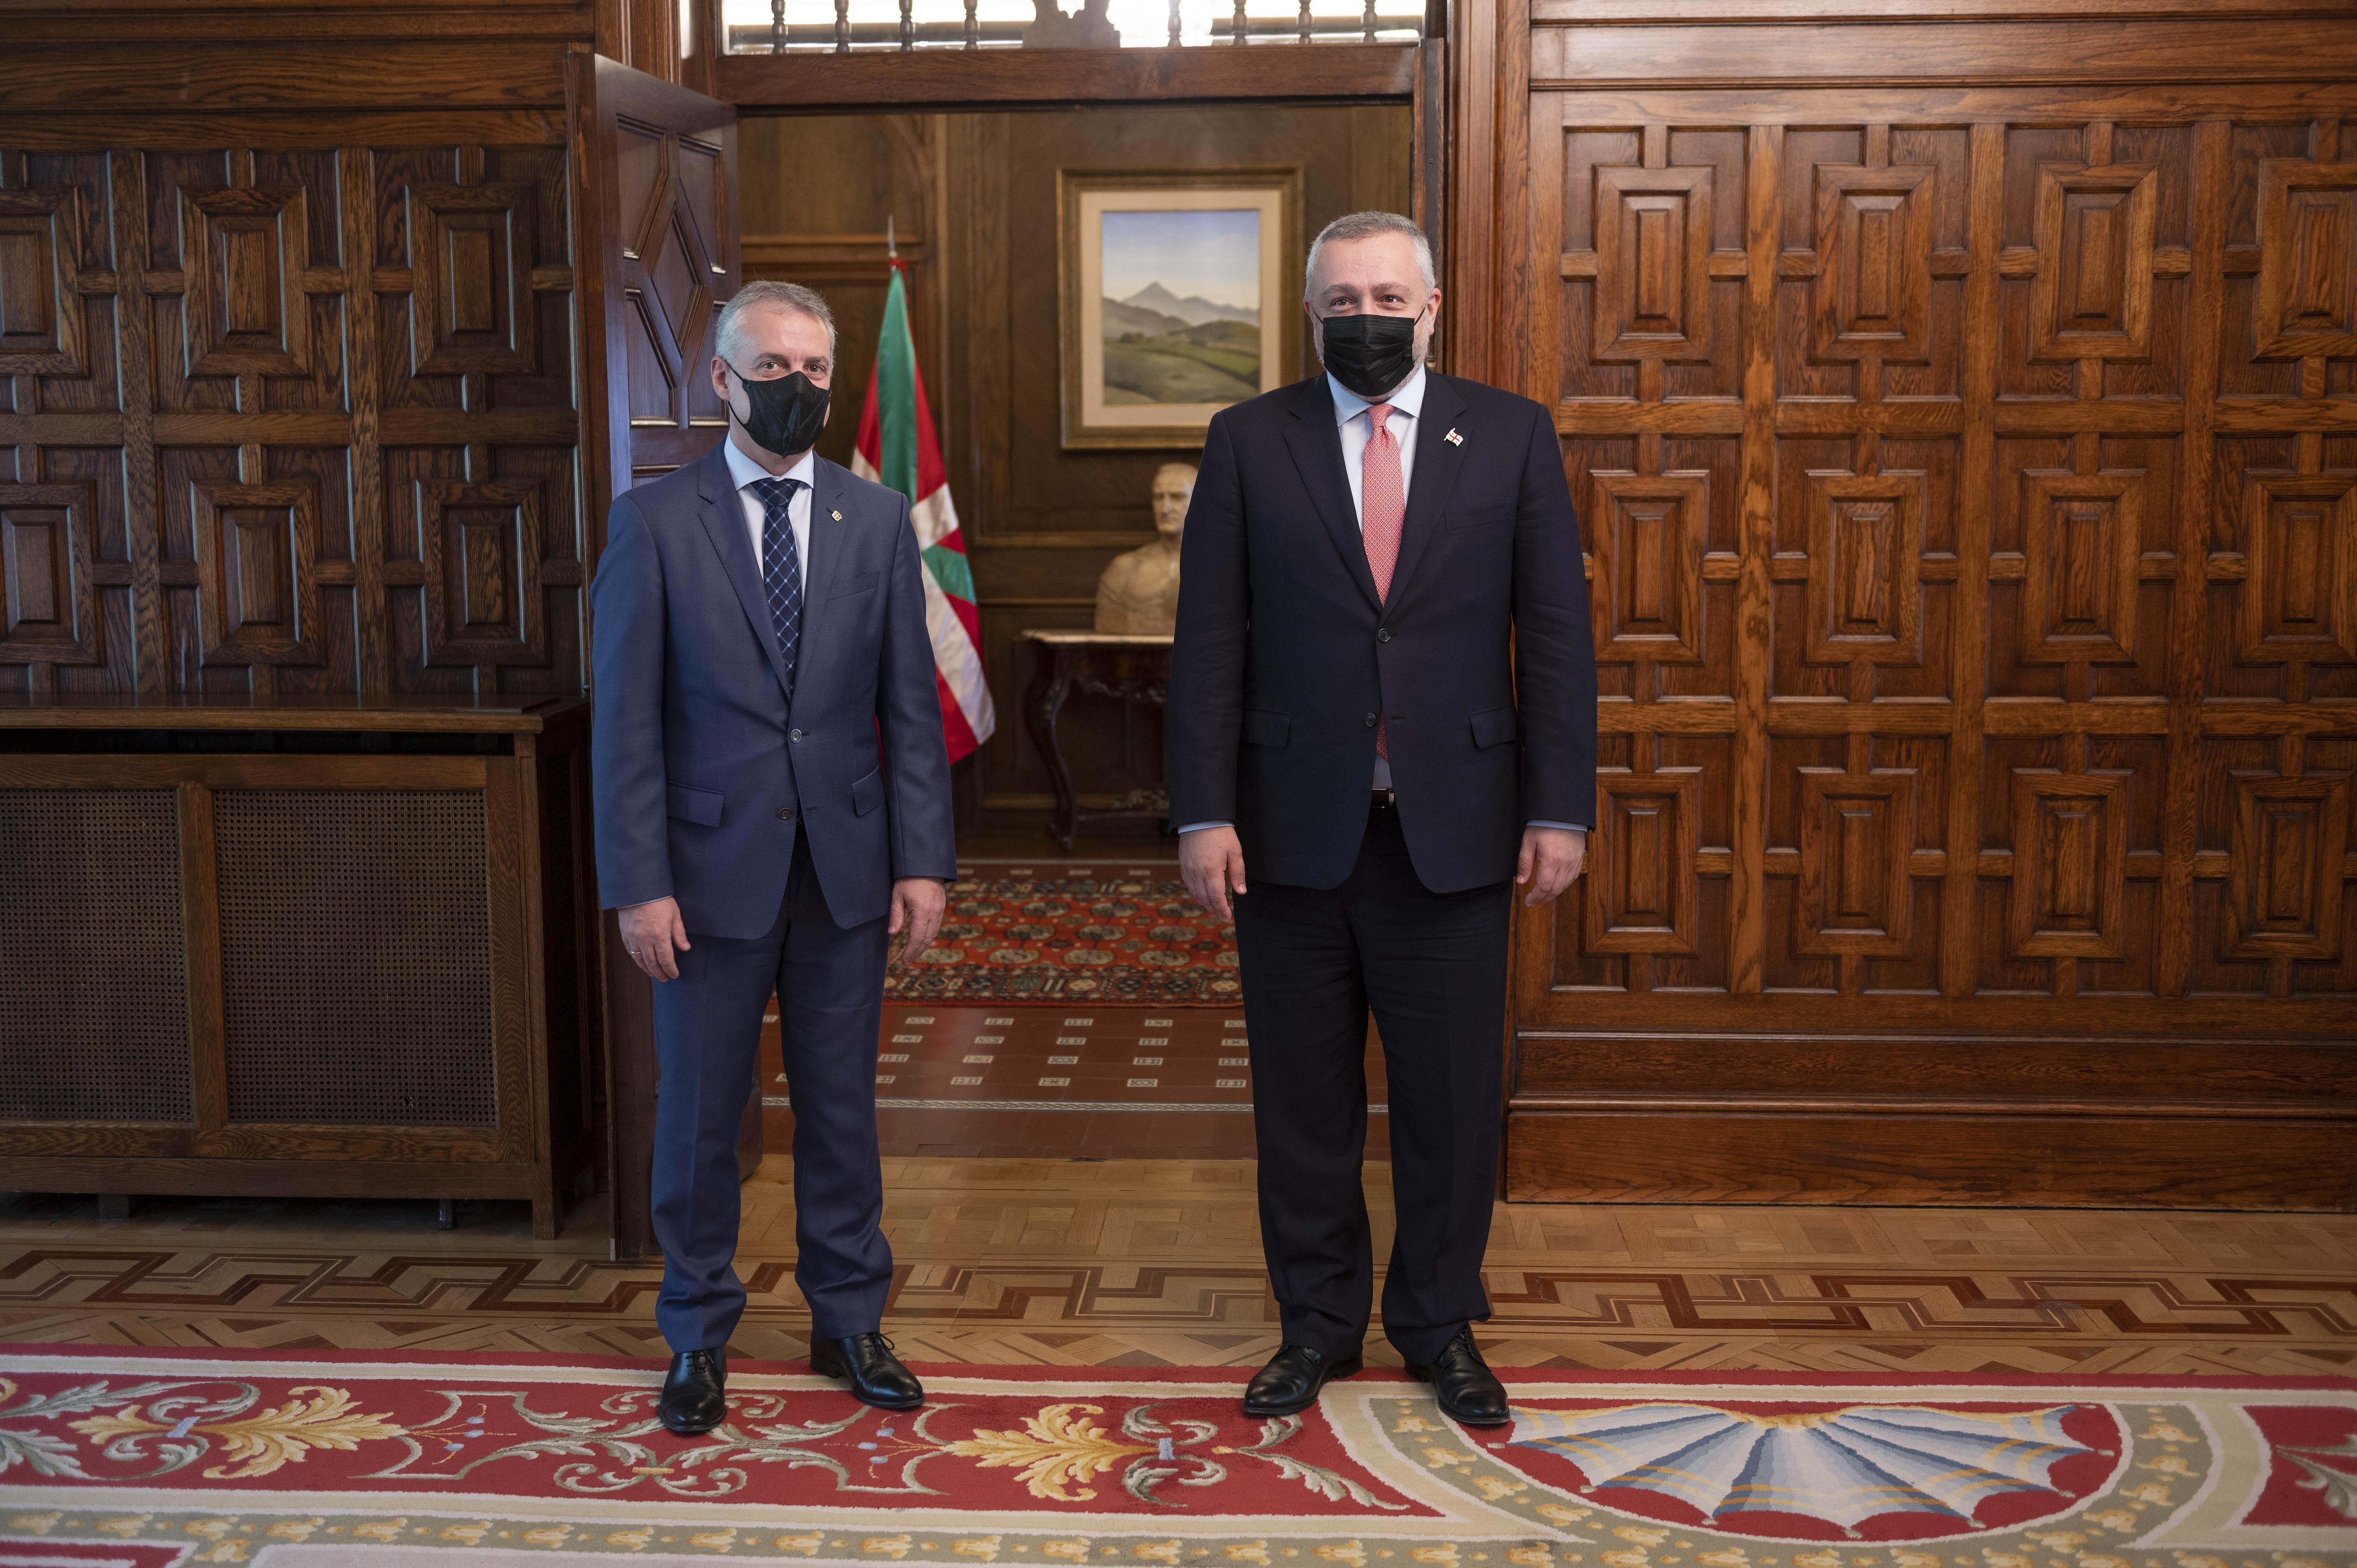 2021_06_16_lhk_embajador_georgia_02.jpg